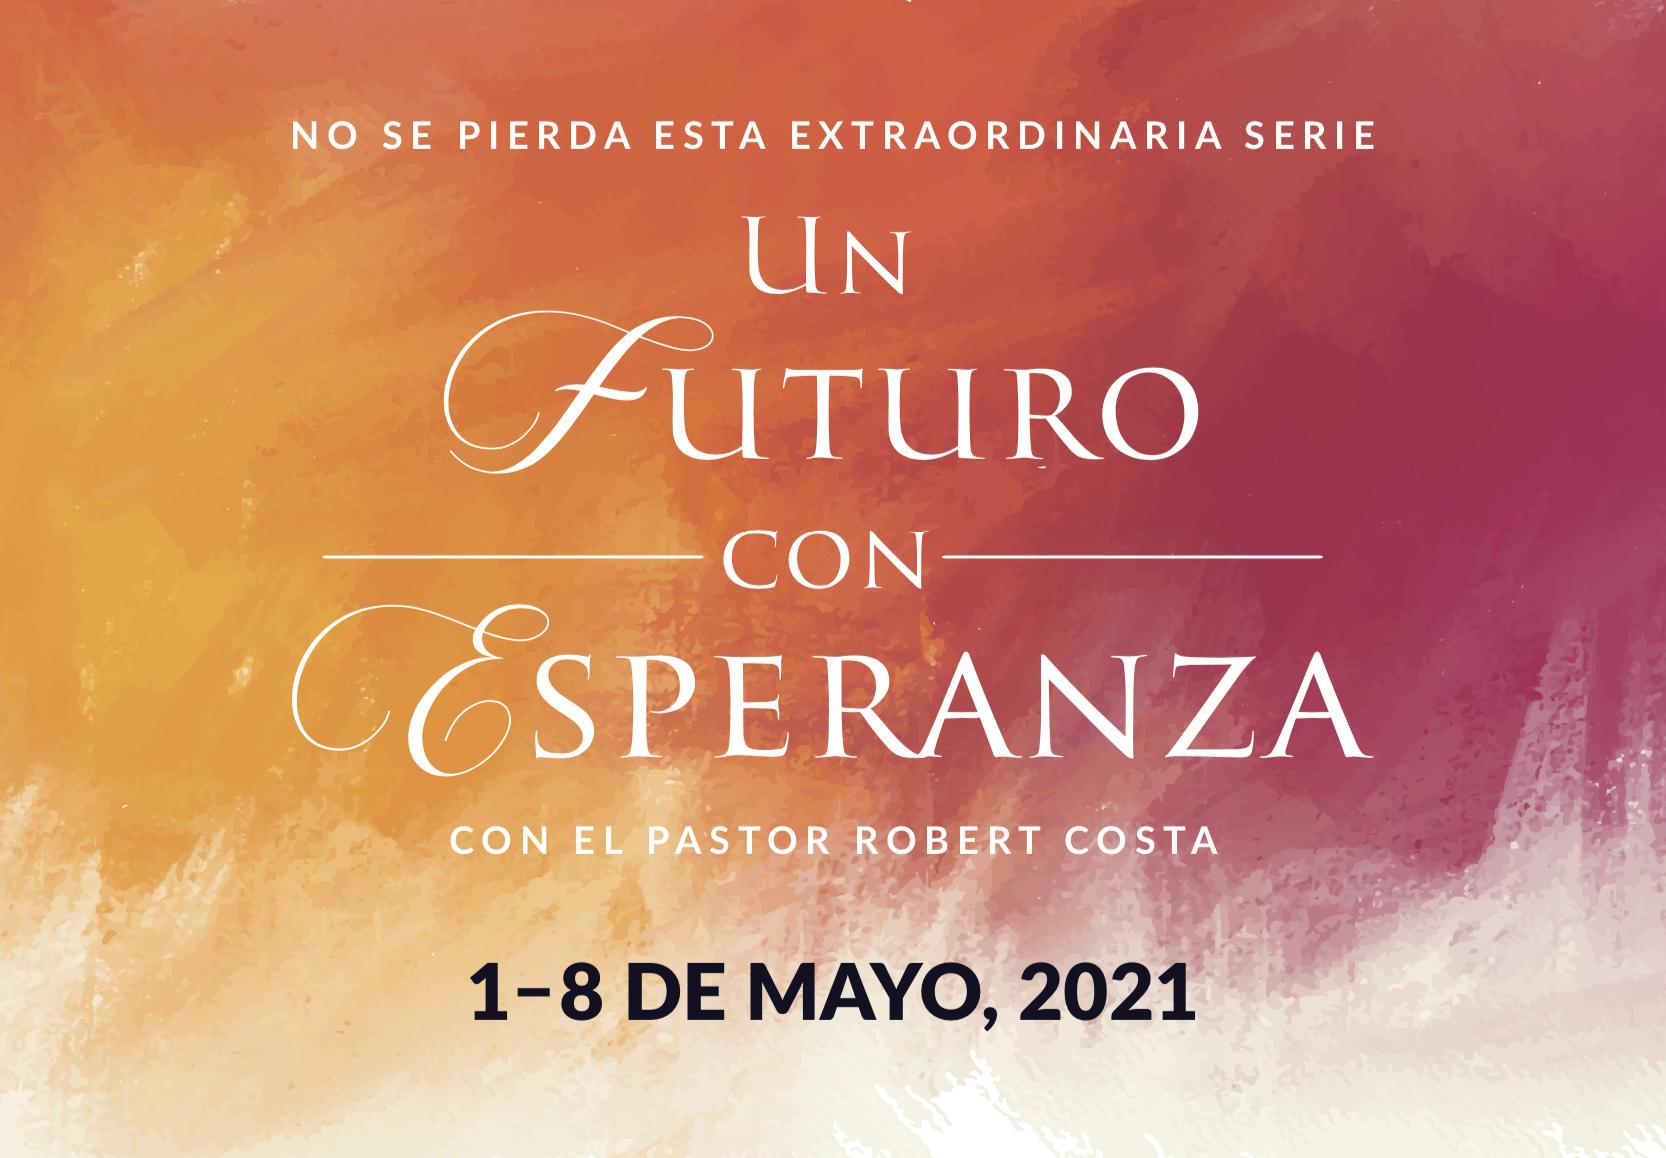 No se pierda esta extraordinatia serie Un Futuro Con Esperanza con el pastor Robert Costa 1-8 de Mayo 2021